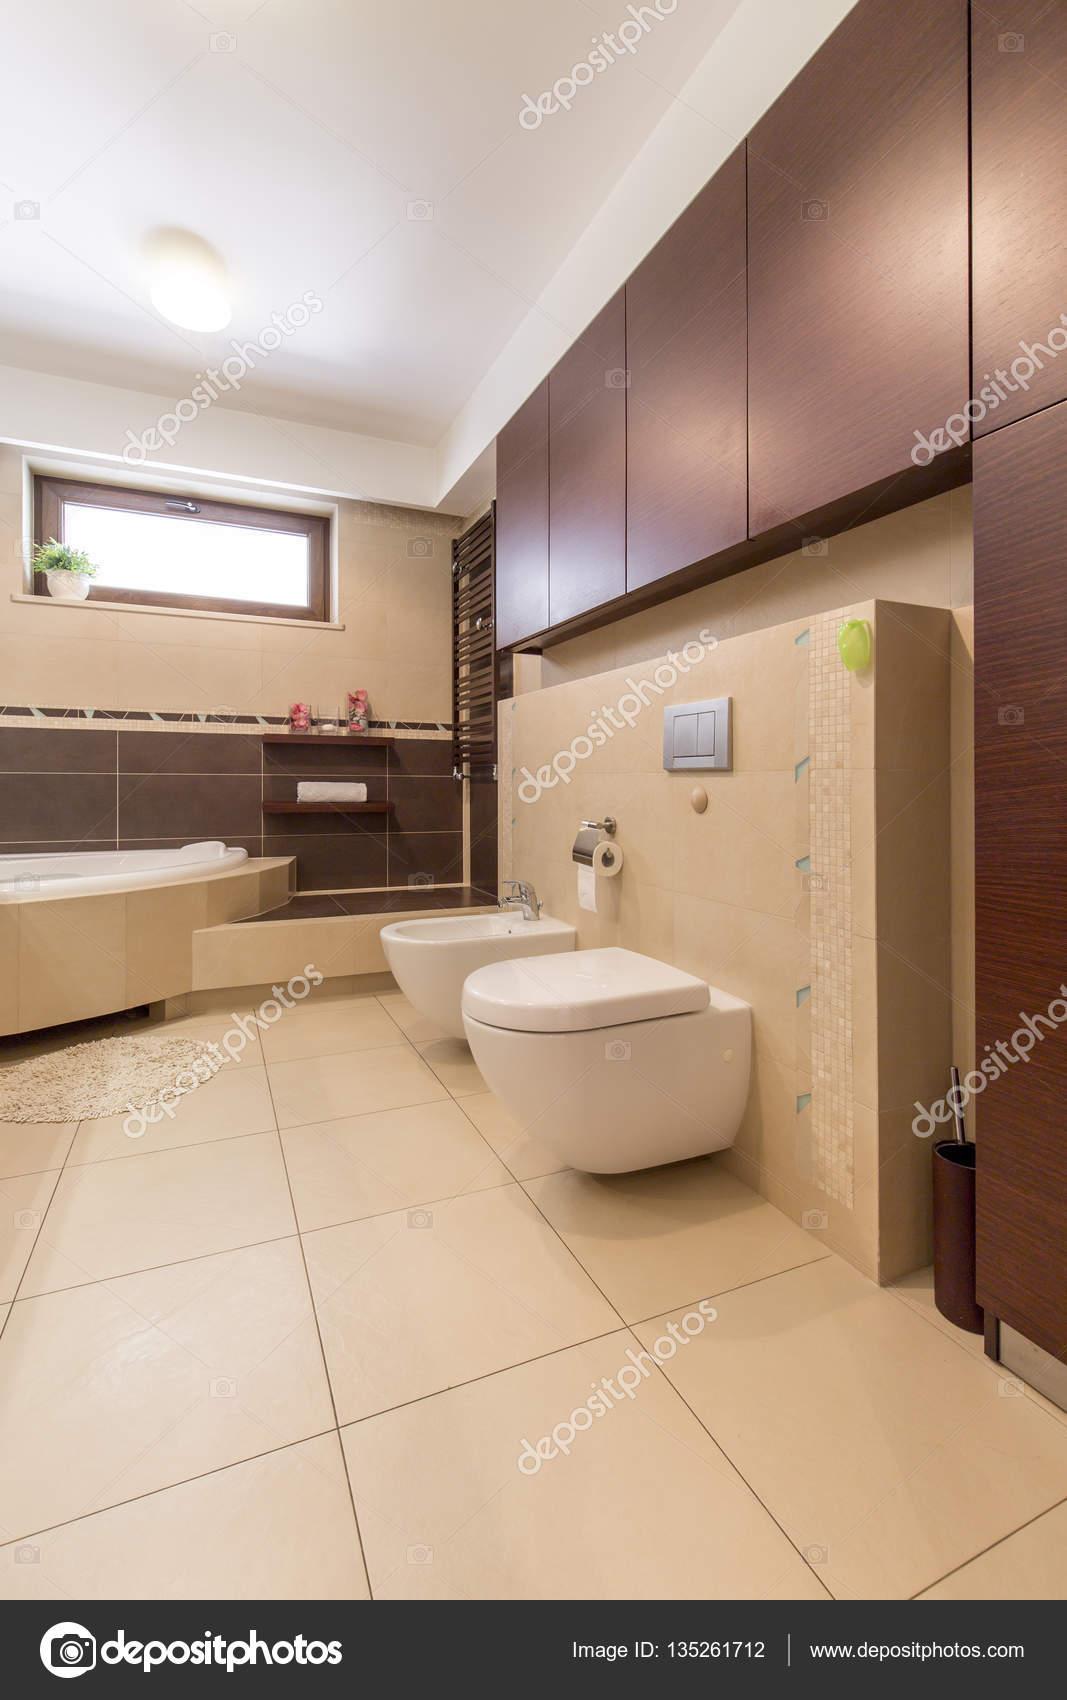 Piastrelle bagno marrone e beige design per la casa - Rivestimenti per il bagno ...